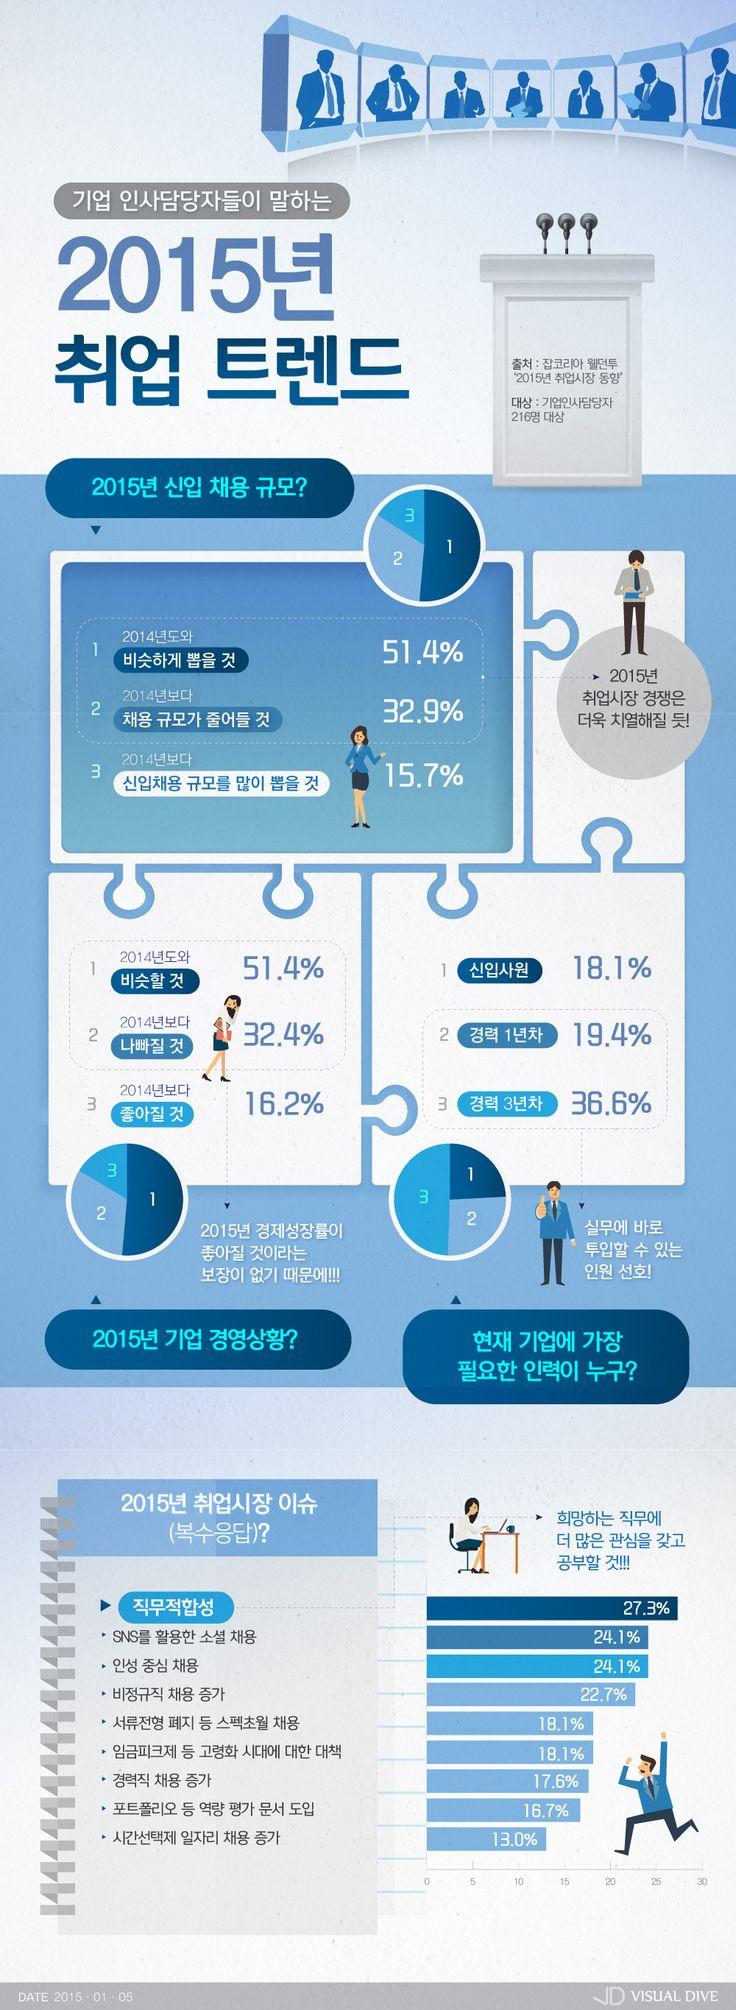 취업 성공하려면 '2015년 취업 트렌드'부터 살펴보길! [인포그래픽]